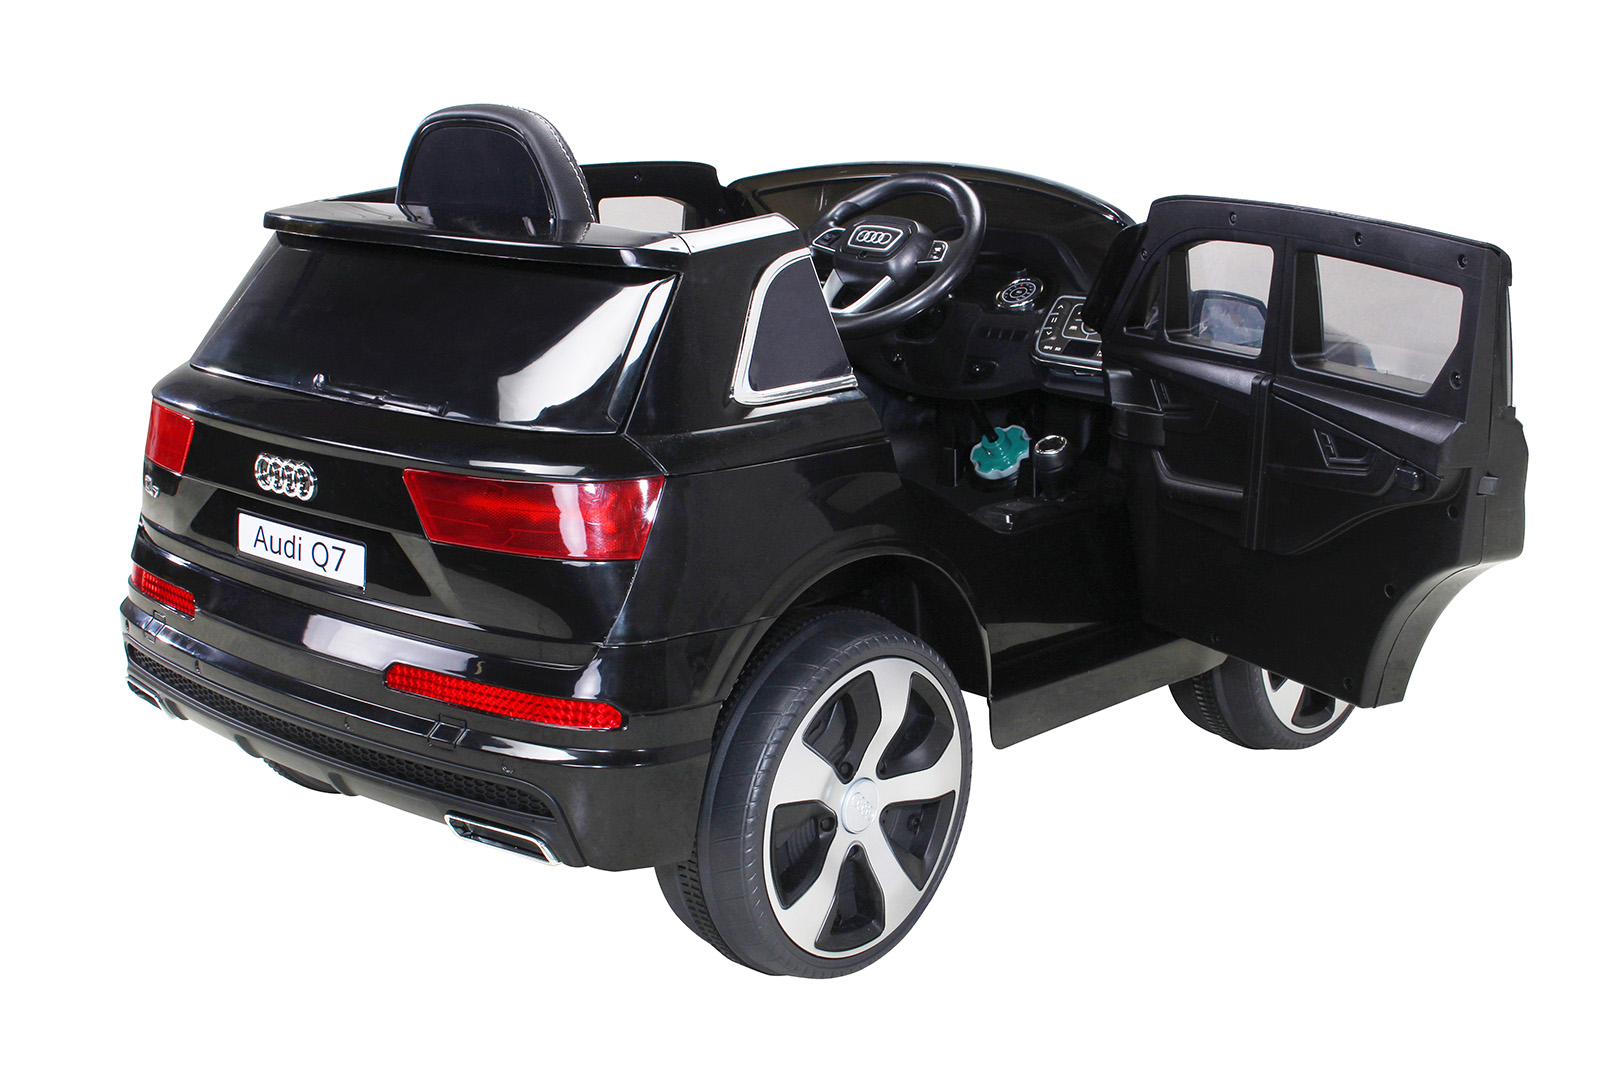 kinder elektroauto audi q7 highdoor suv kinderauto elektrofahrzeug spielzeug ebay. Black Bedroom Furniture Sets. Home Design Ideas